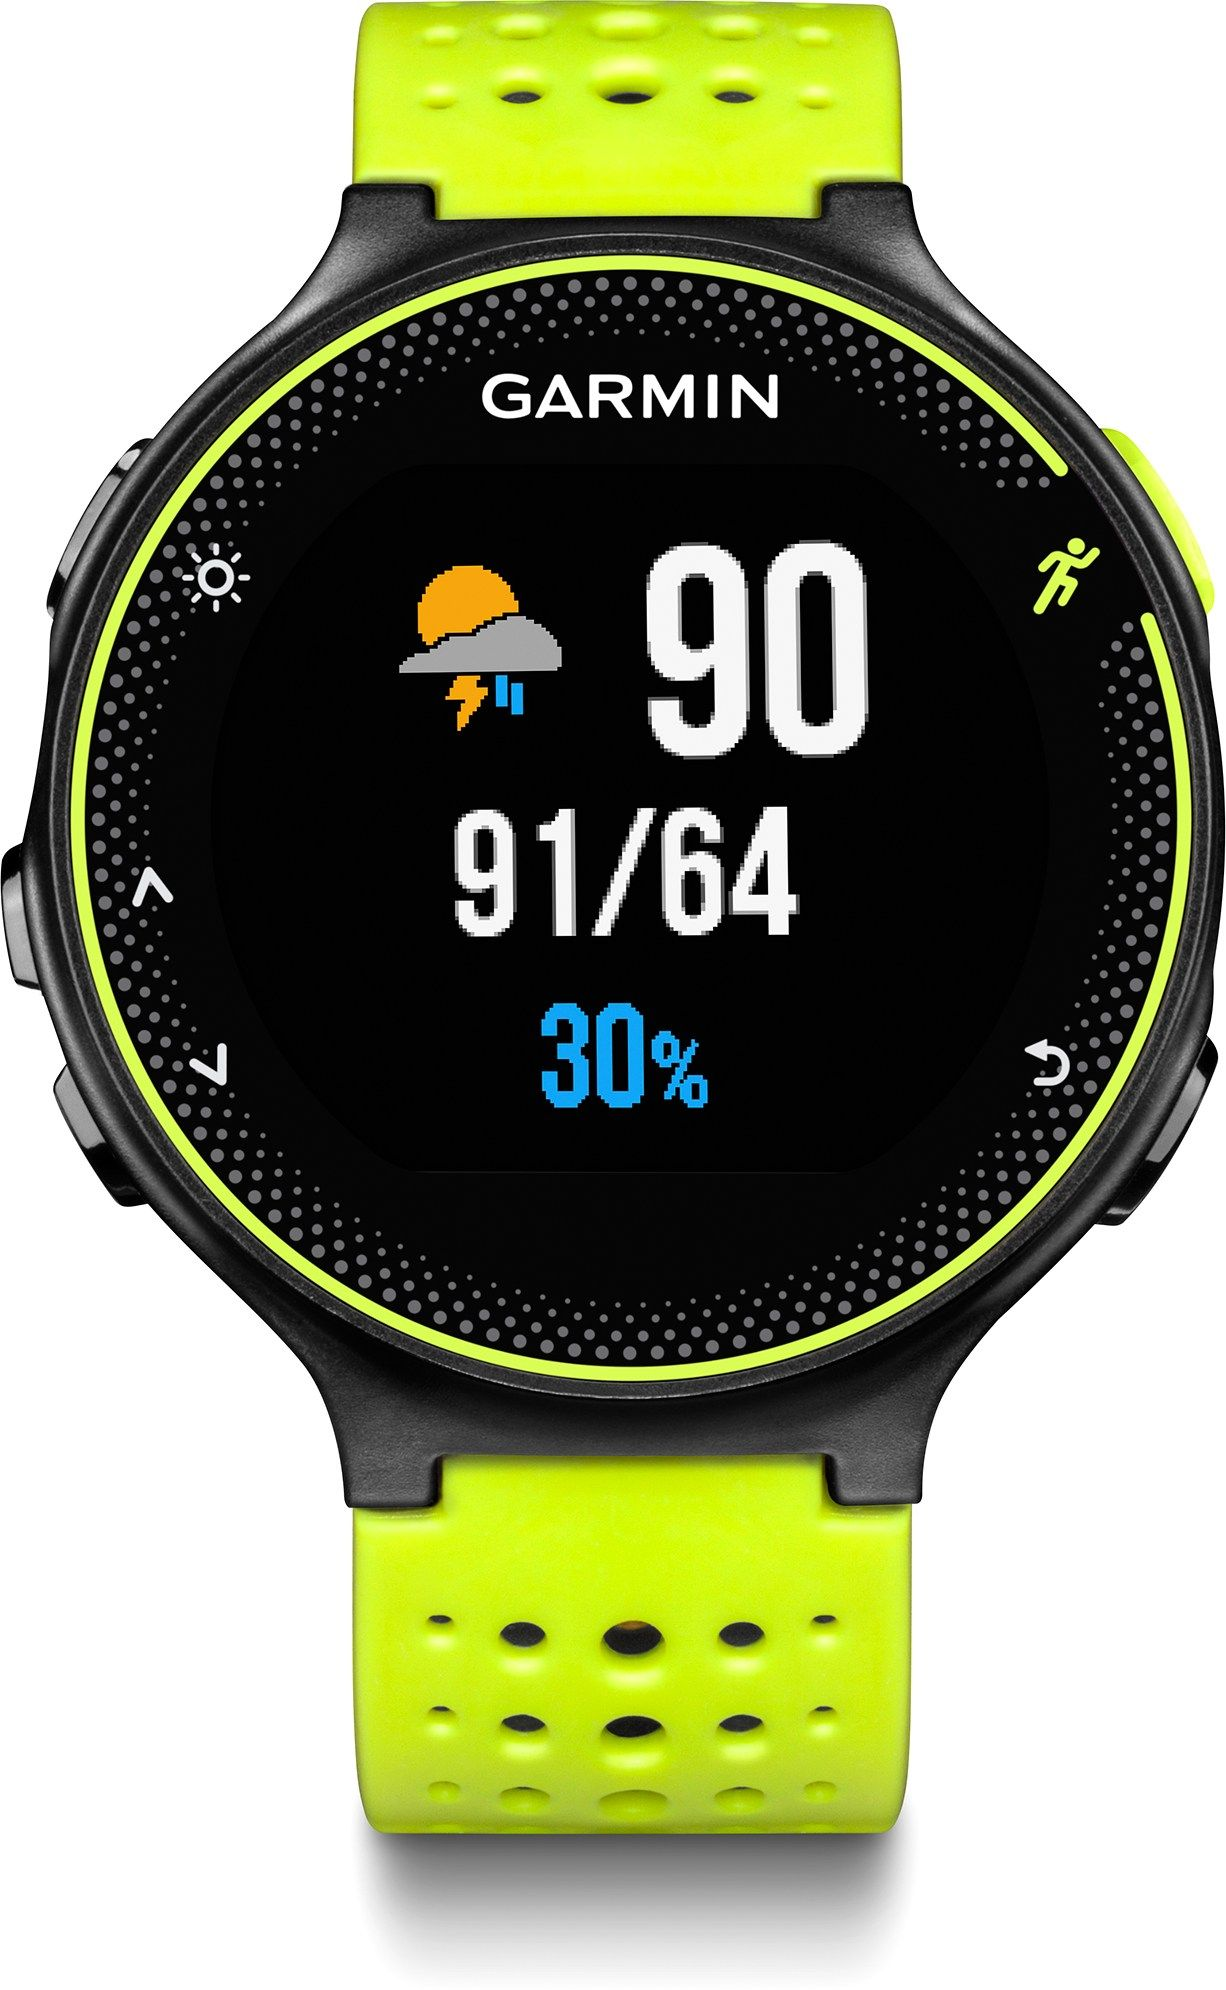 Garmin Forerunner 230 GPS Watch REI Coop Fitness